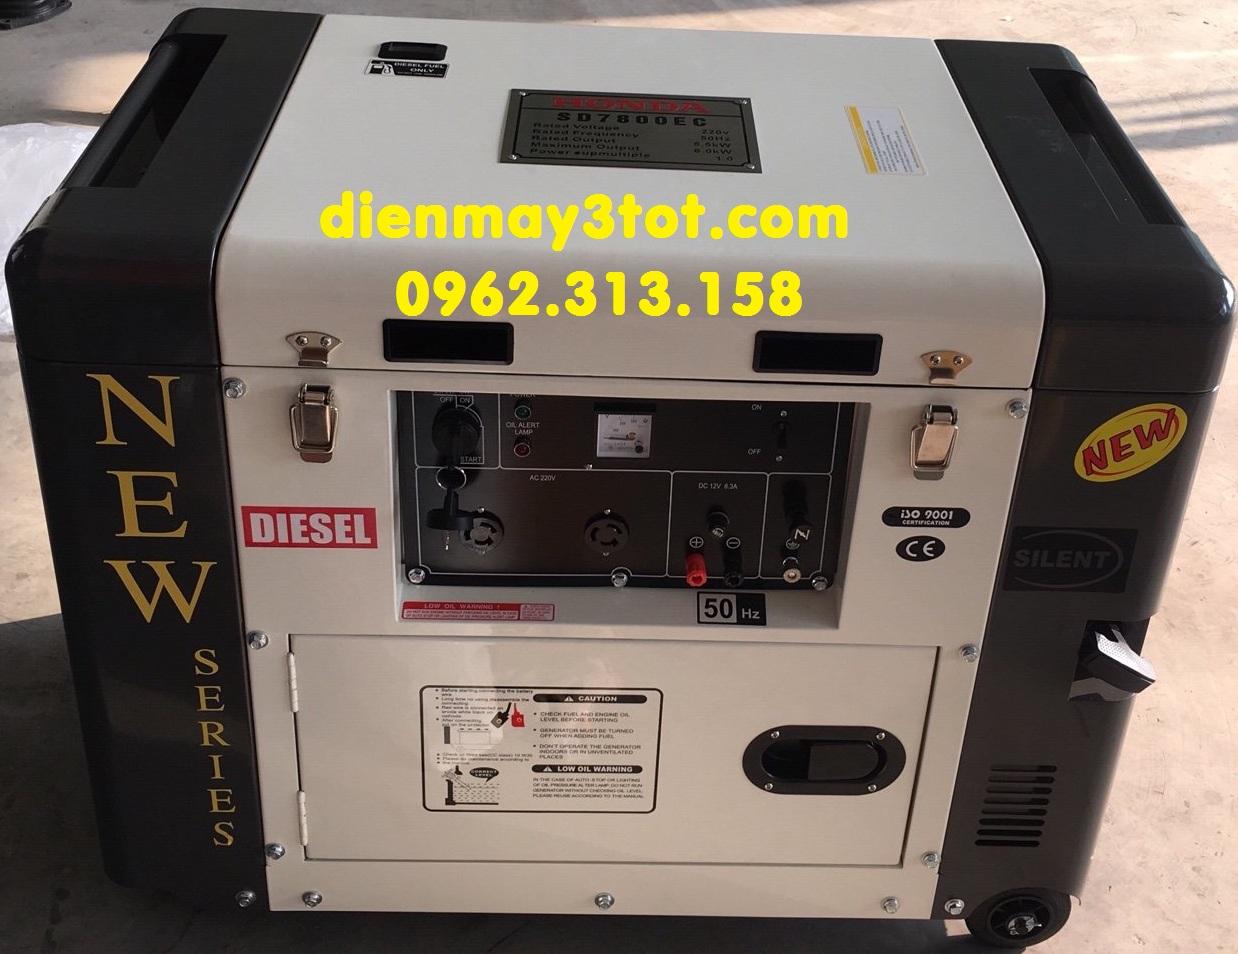 Máy phát điện chạy dầu 6kw Honda SD7800EC cho gia đình chống ồn